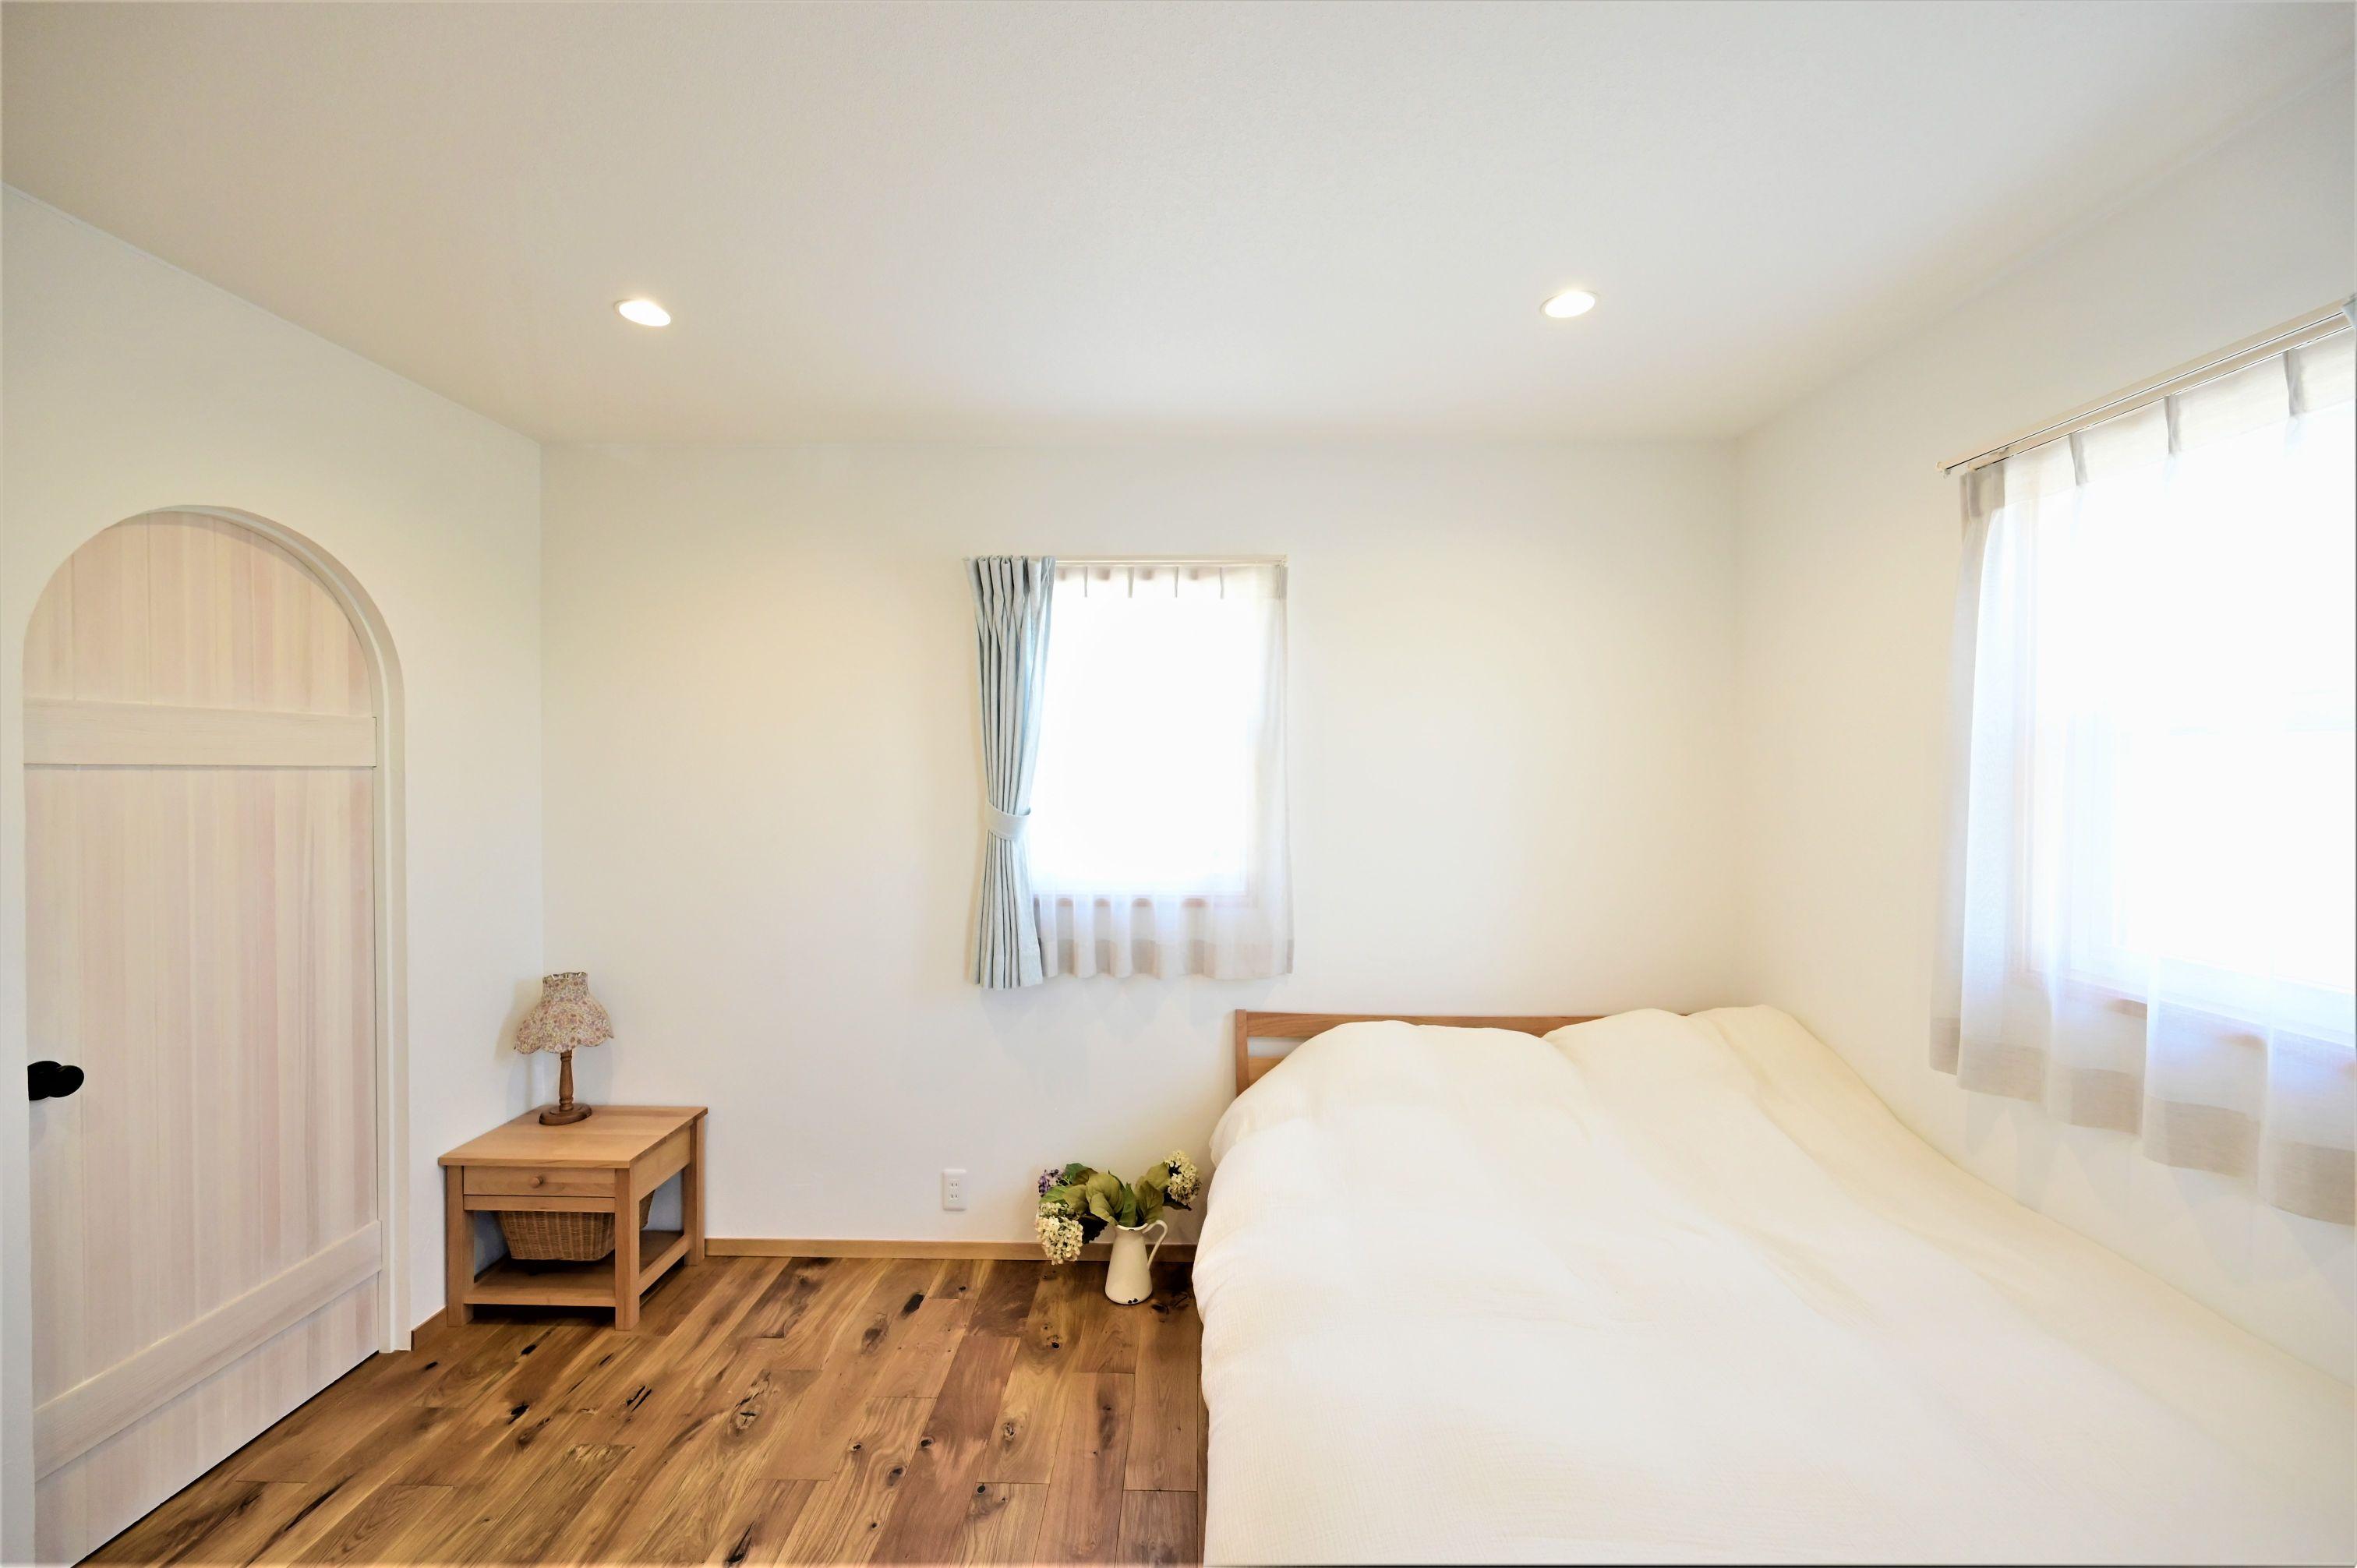 サンエフホーム【デザイン住宅、収納力、自然素材】寝室からWICに繋がるアーチ扉はこだわりの一品